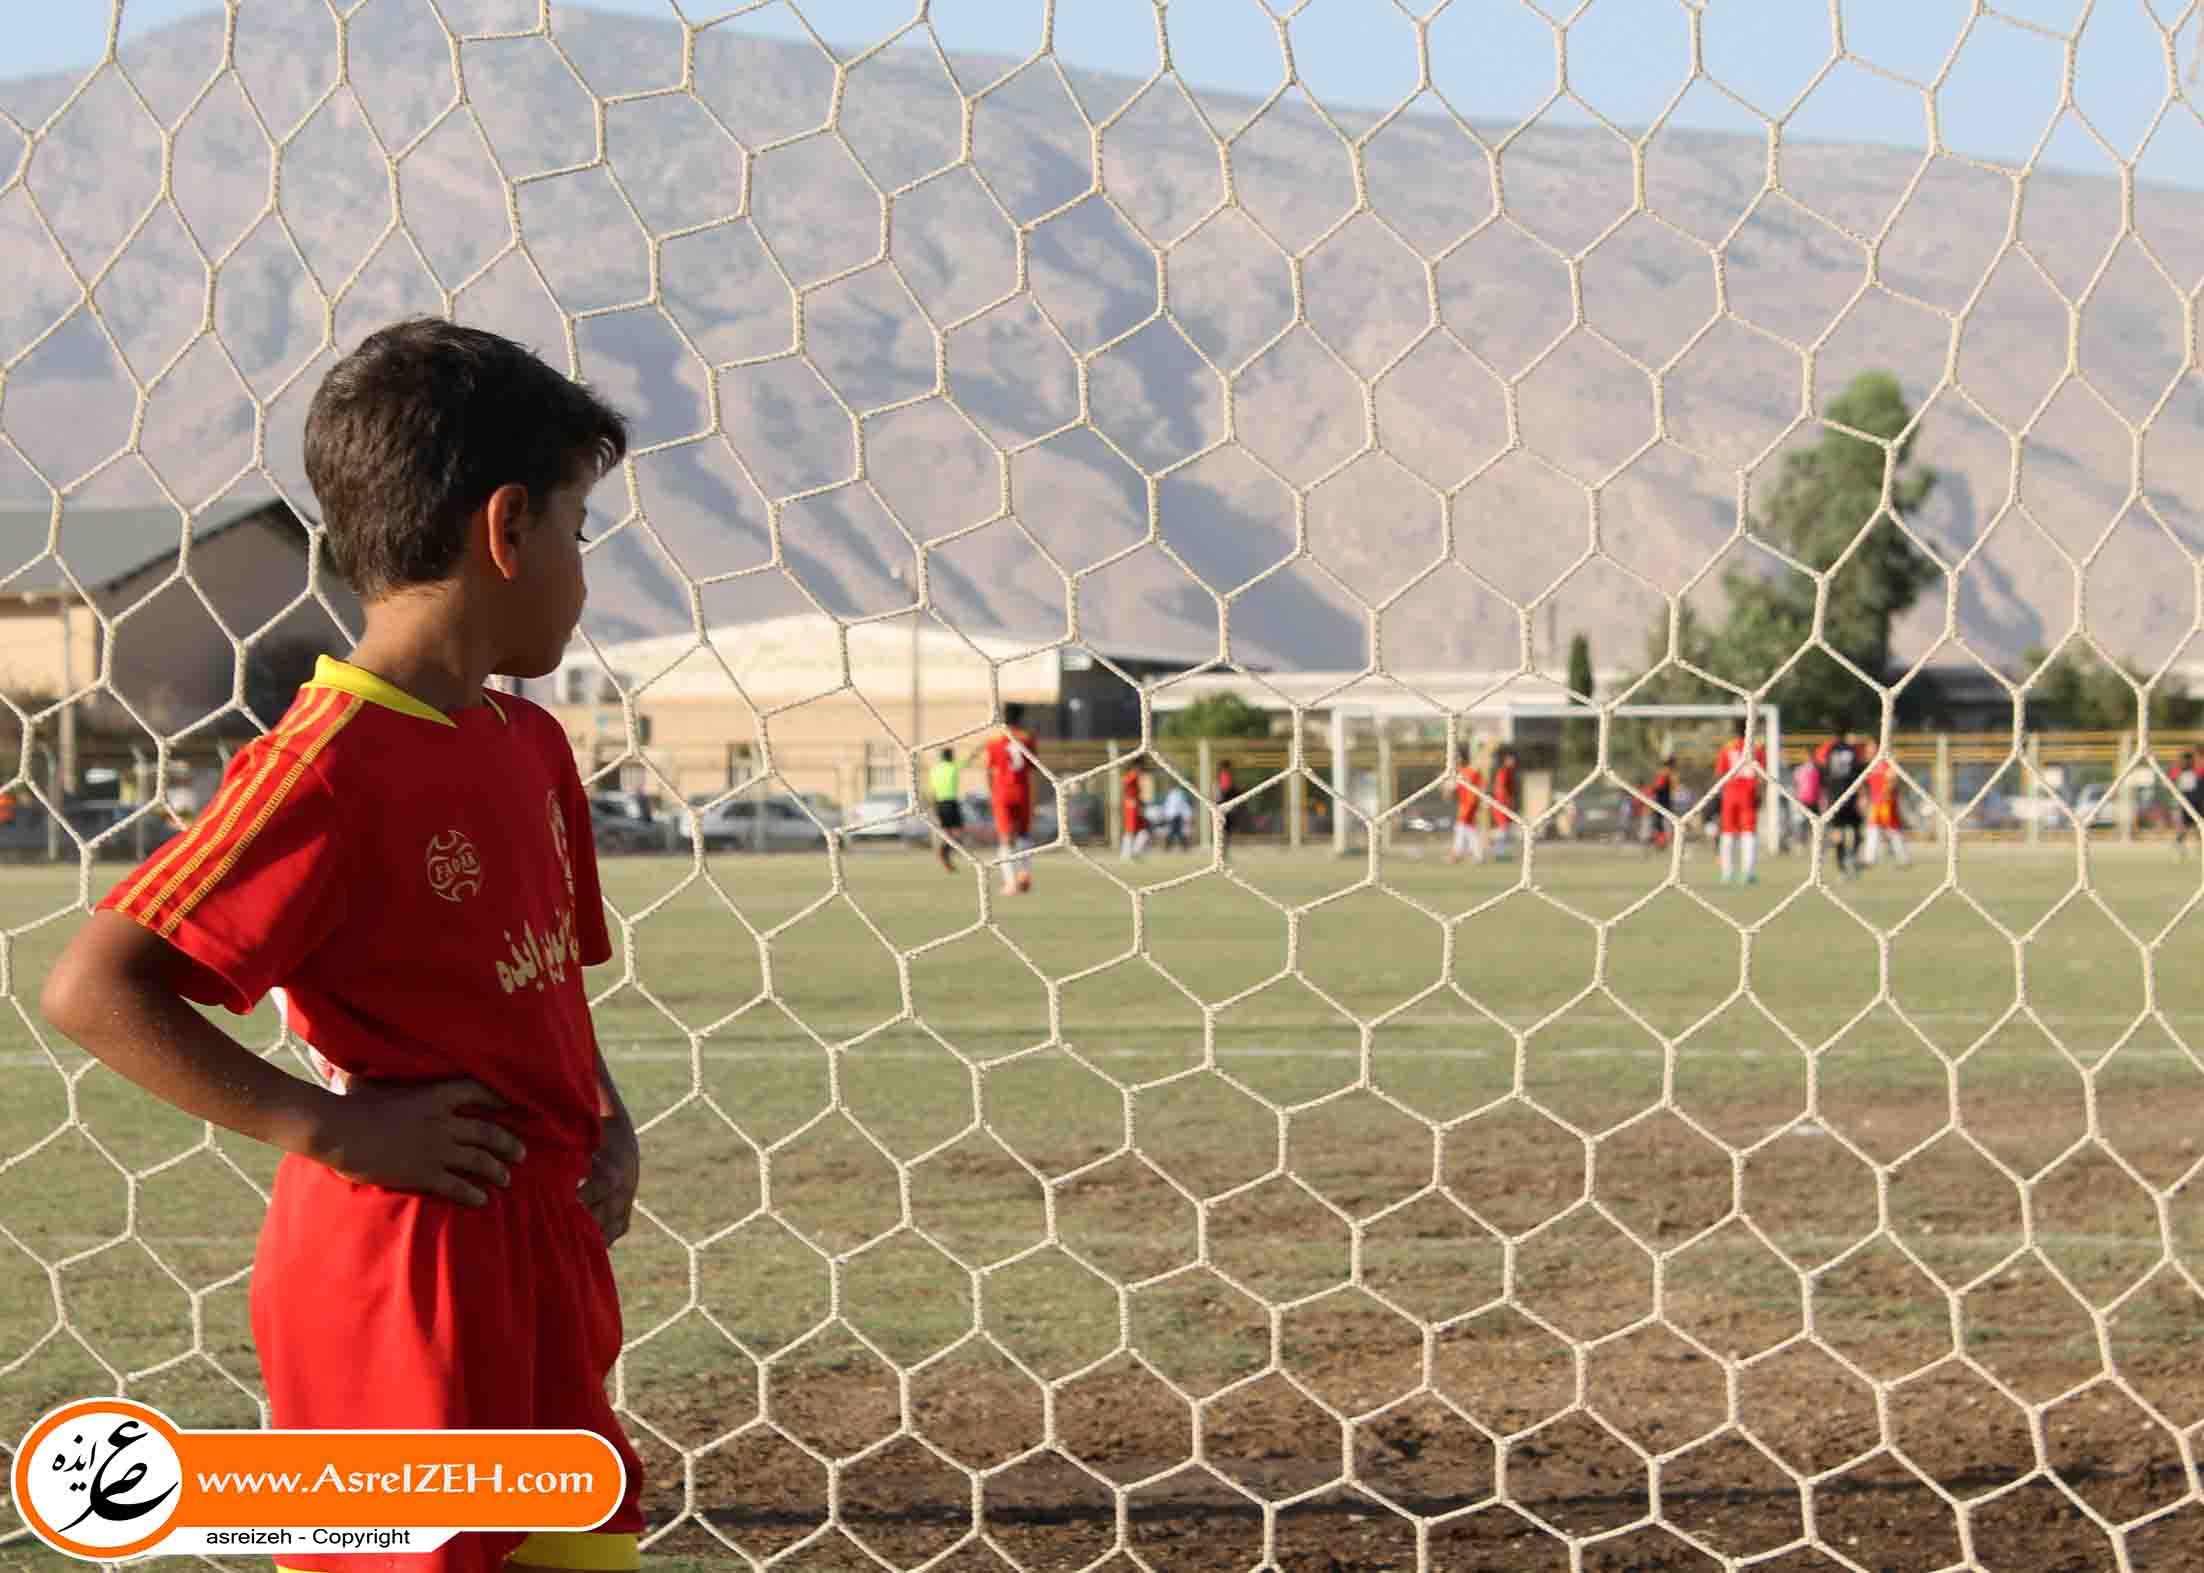 لیگ فوتبال ایذه از نگاه مربیان ایذهای + ترینهای لیگ امسال